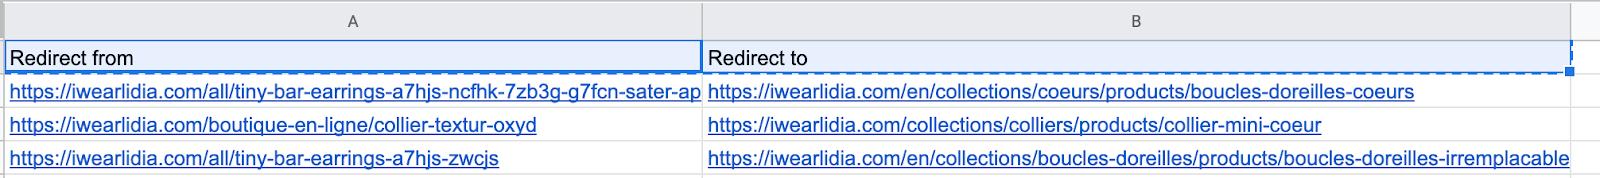 fichier pour rediriger des URLs dans shopify